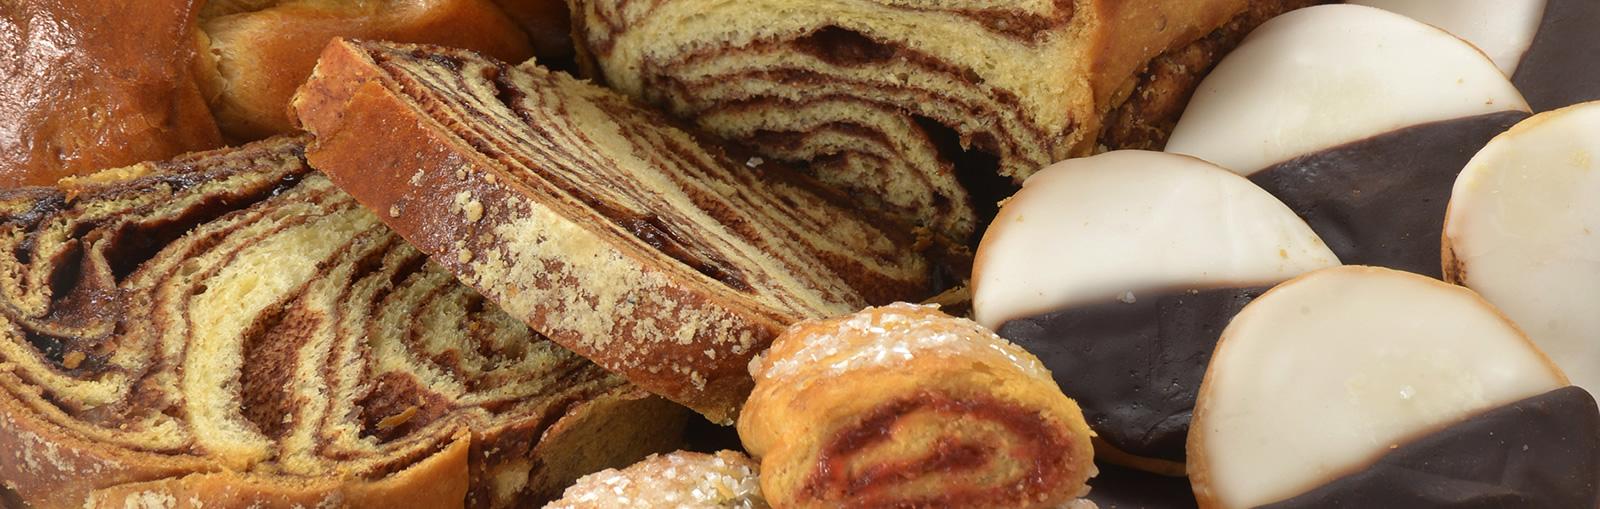 tl-bakery-insideheader.jpg